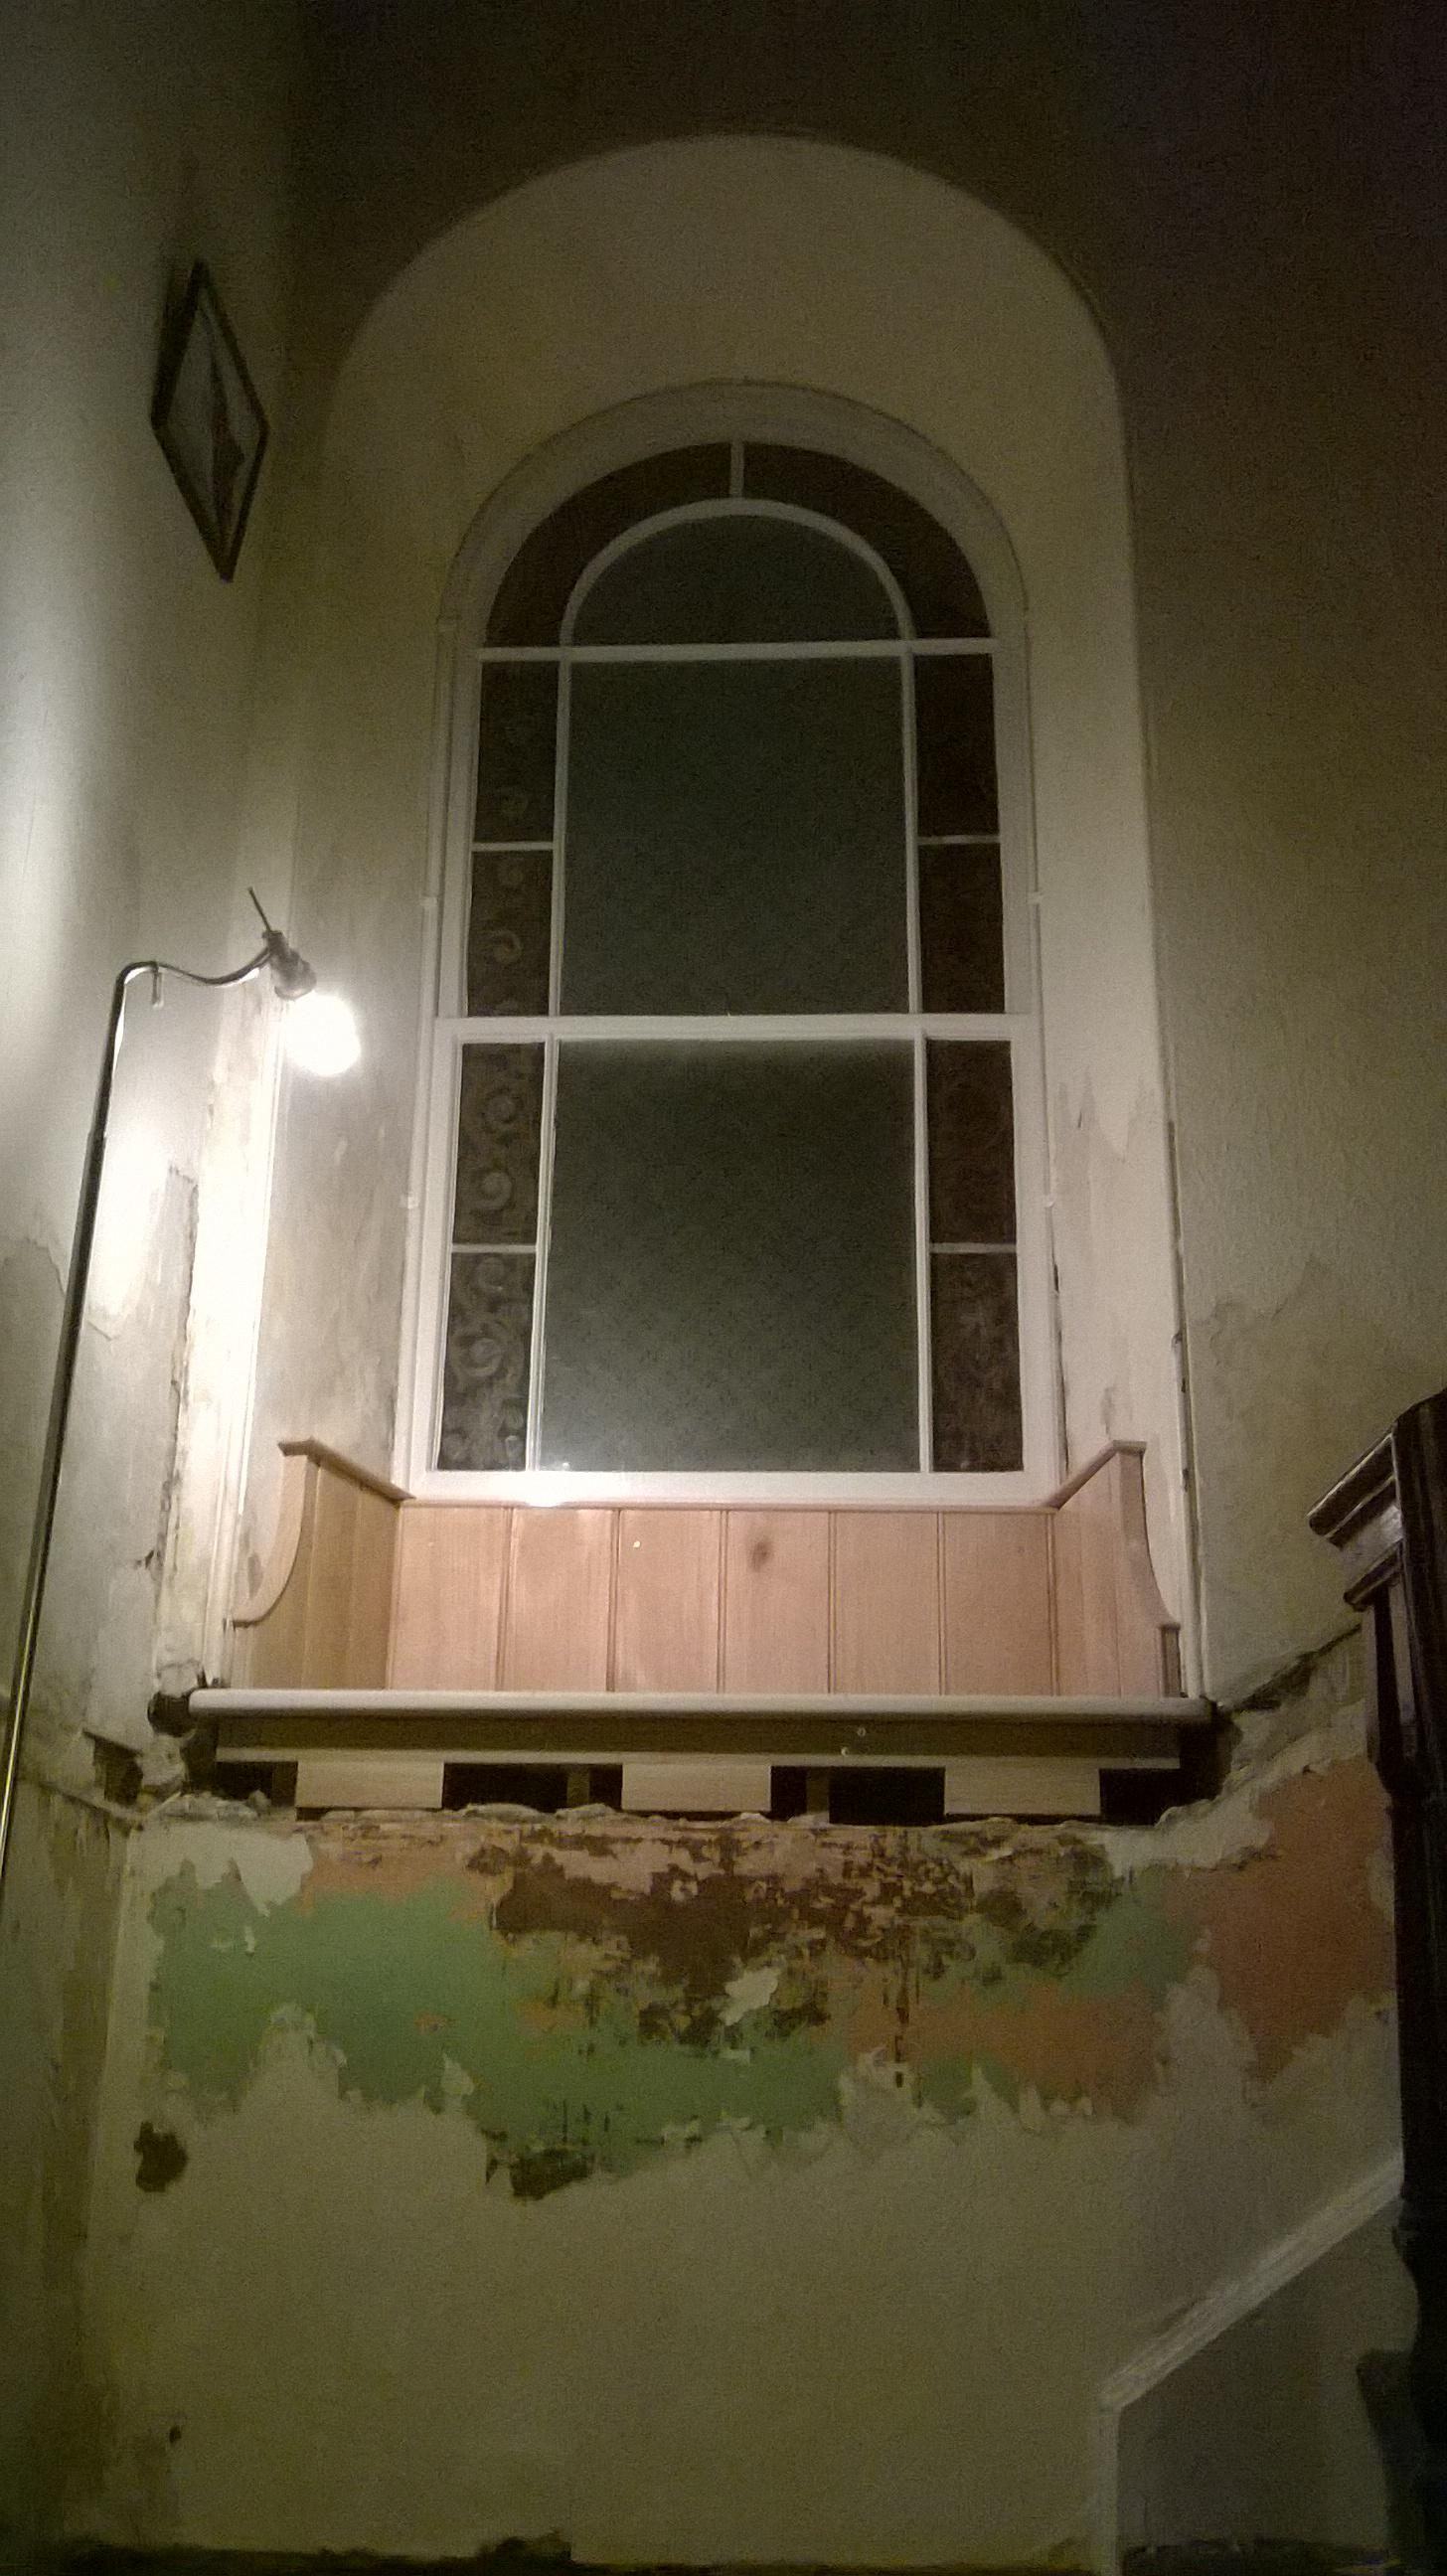 The finished windowsill & surround